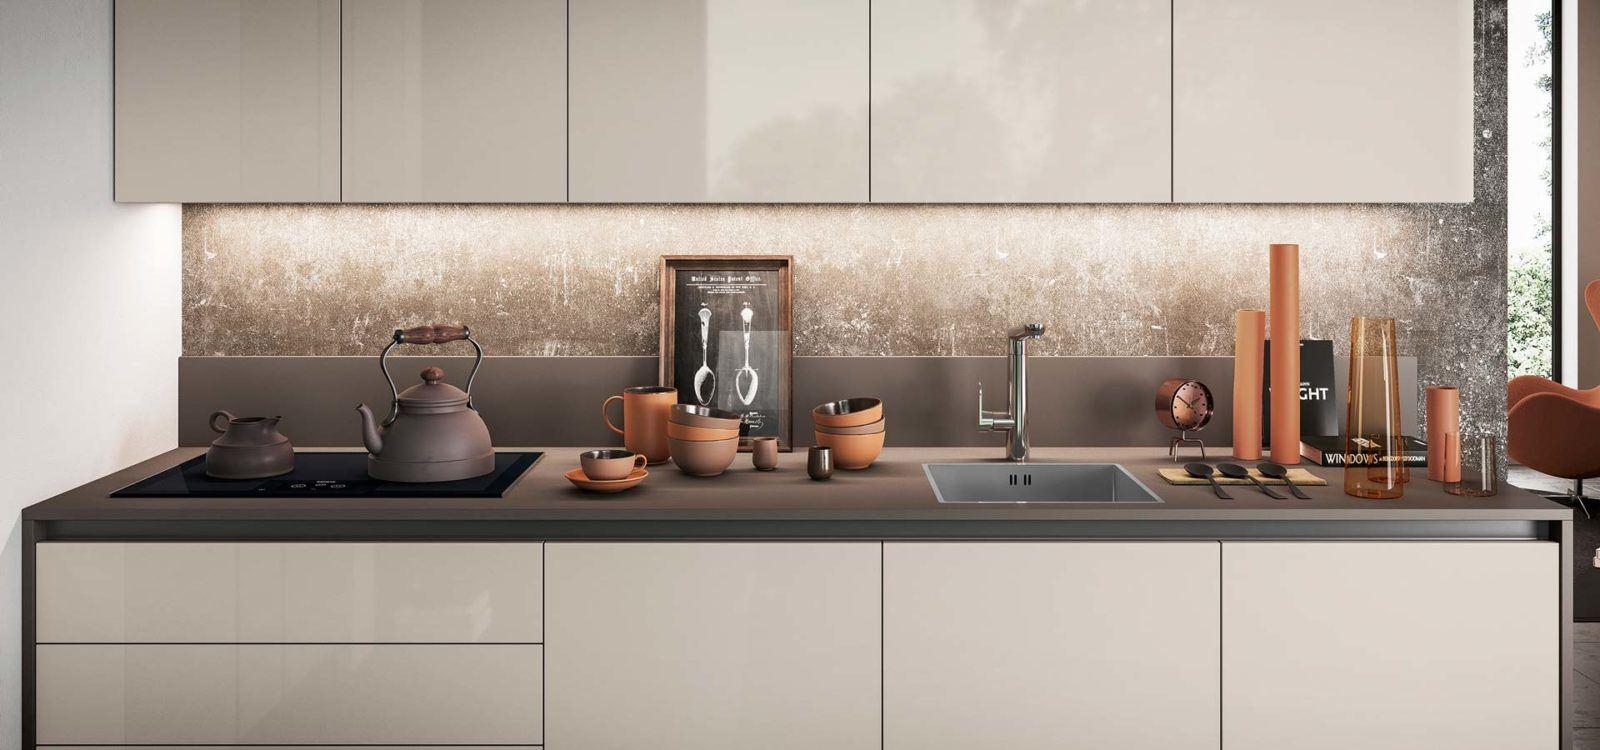 Cucine lineari moderne padova anche in offerta - Cucina ad induzione consumi ...